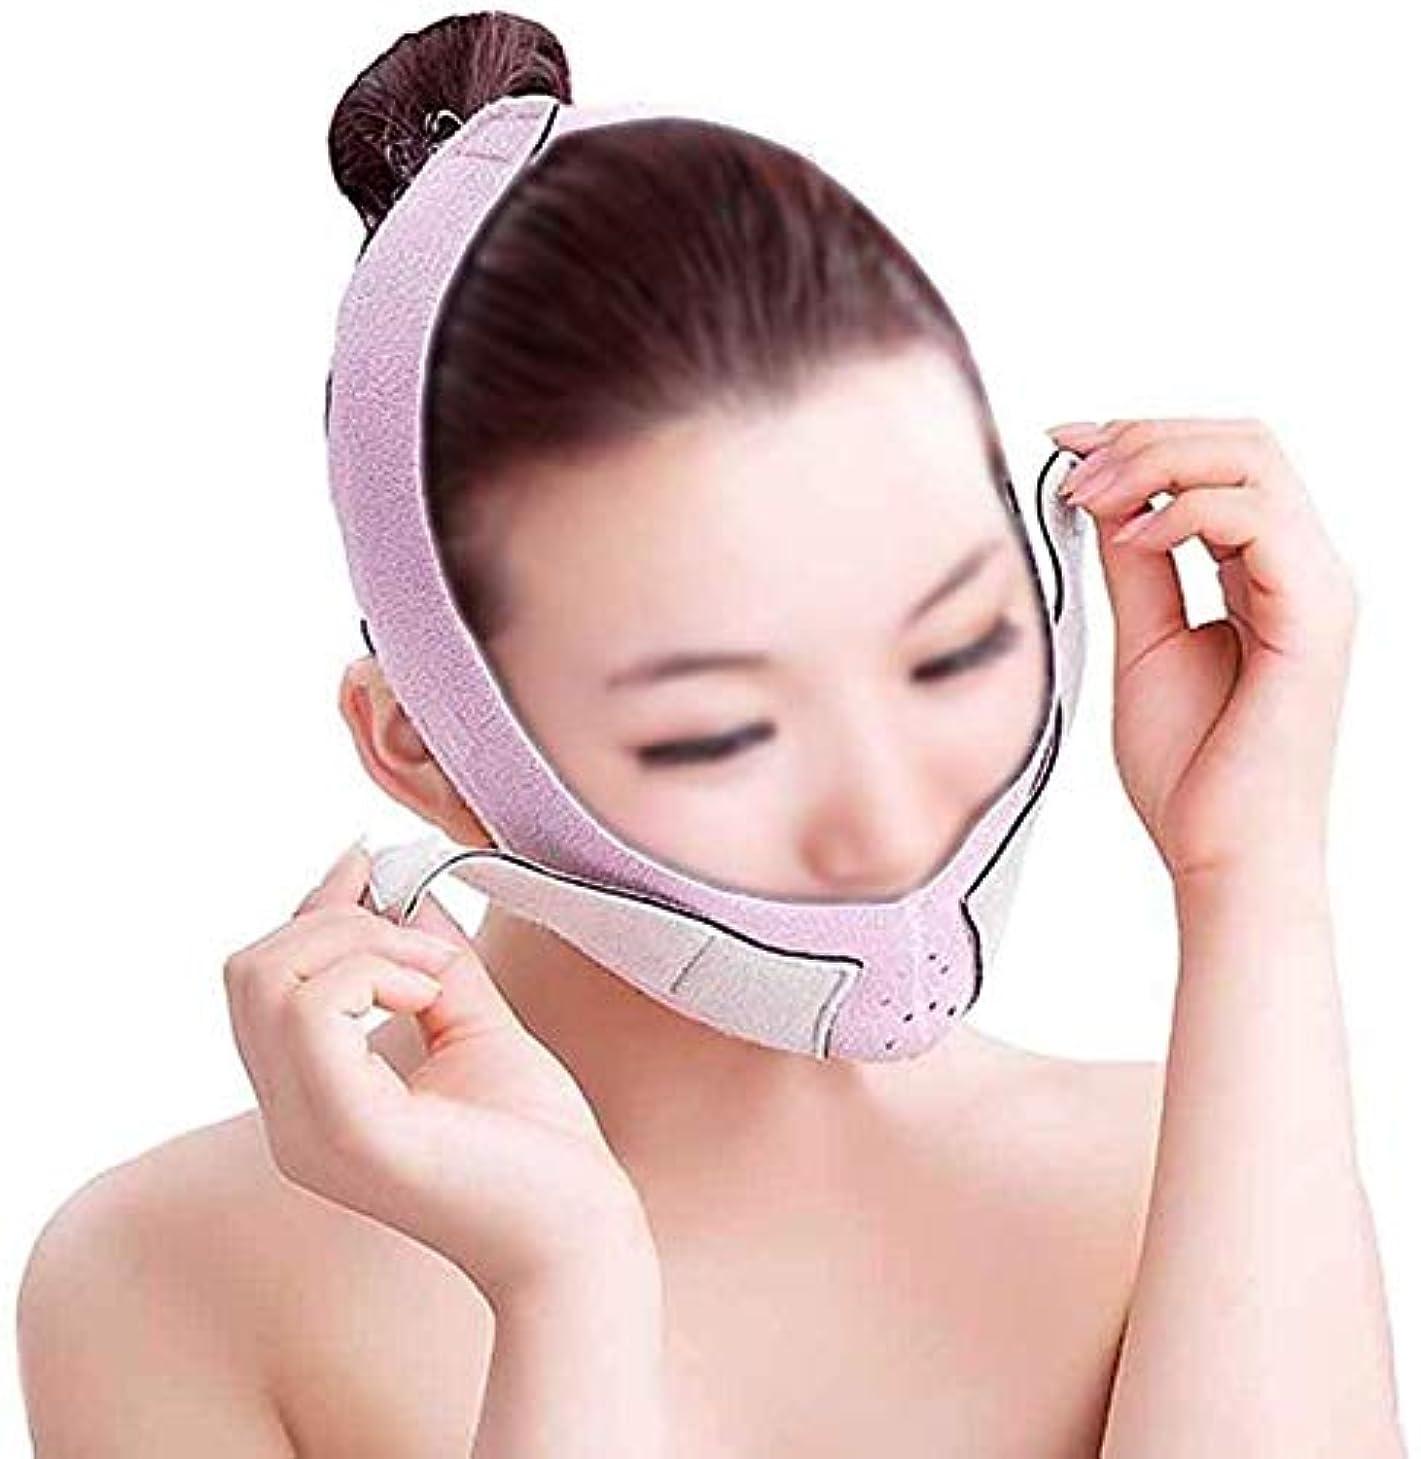 ひそかに接触沈黙美容と実用的なSlim身ベルト、フェイシャルマスク3DフェイスリフトファーミングフェイスコレクションベルトパワフルフェイスアーティファクトスモールフェイスバンデージリフティングVフェイスマスク(色:B)